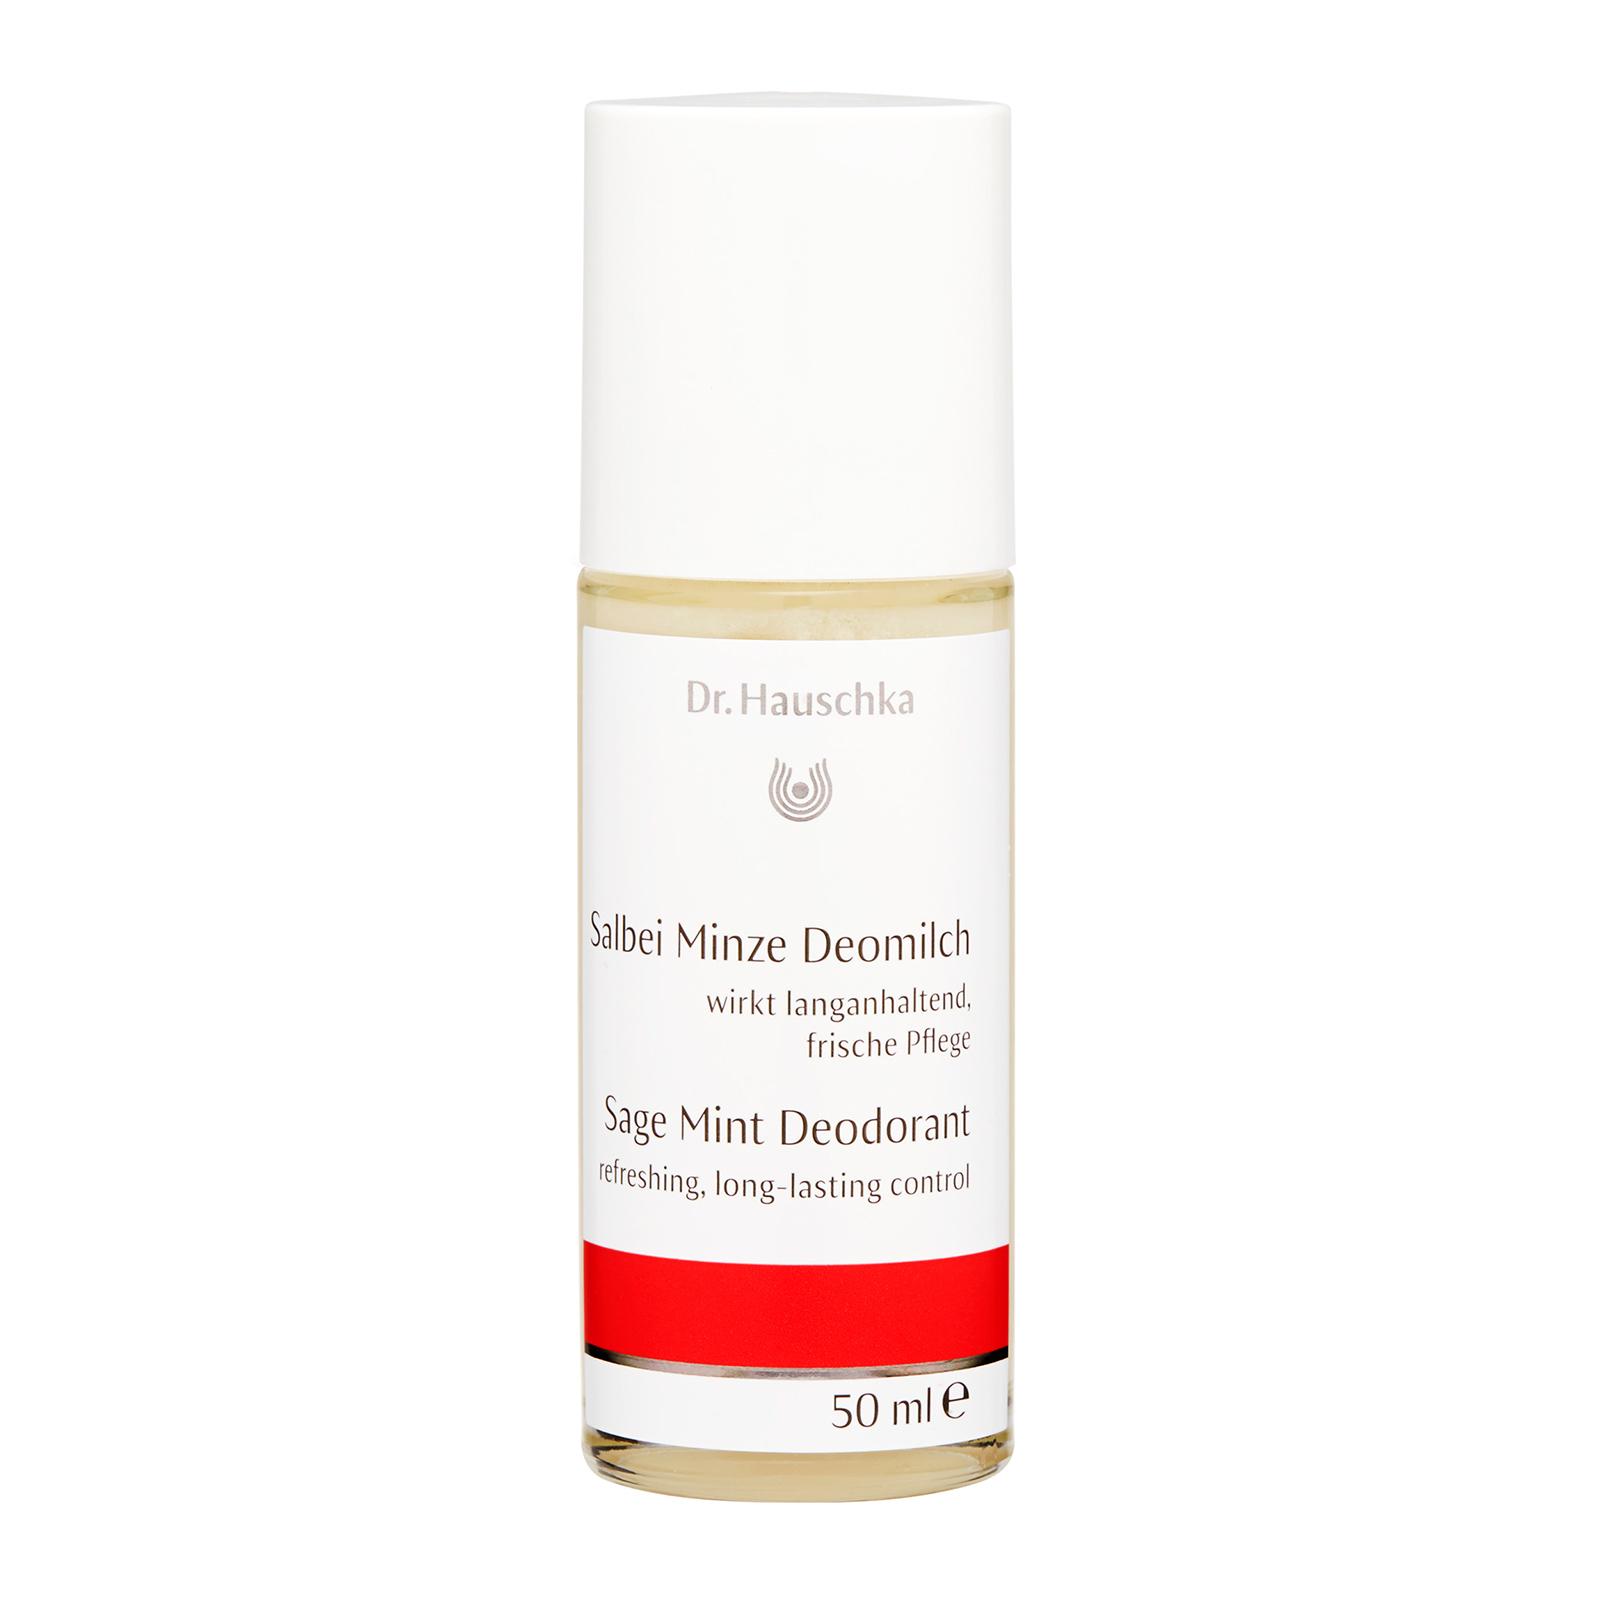 Dr. Hauschka Sage Mint Deodorant 50ml,